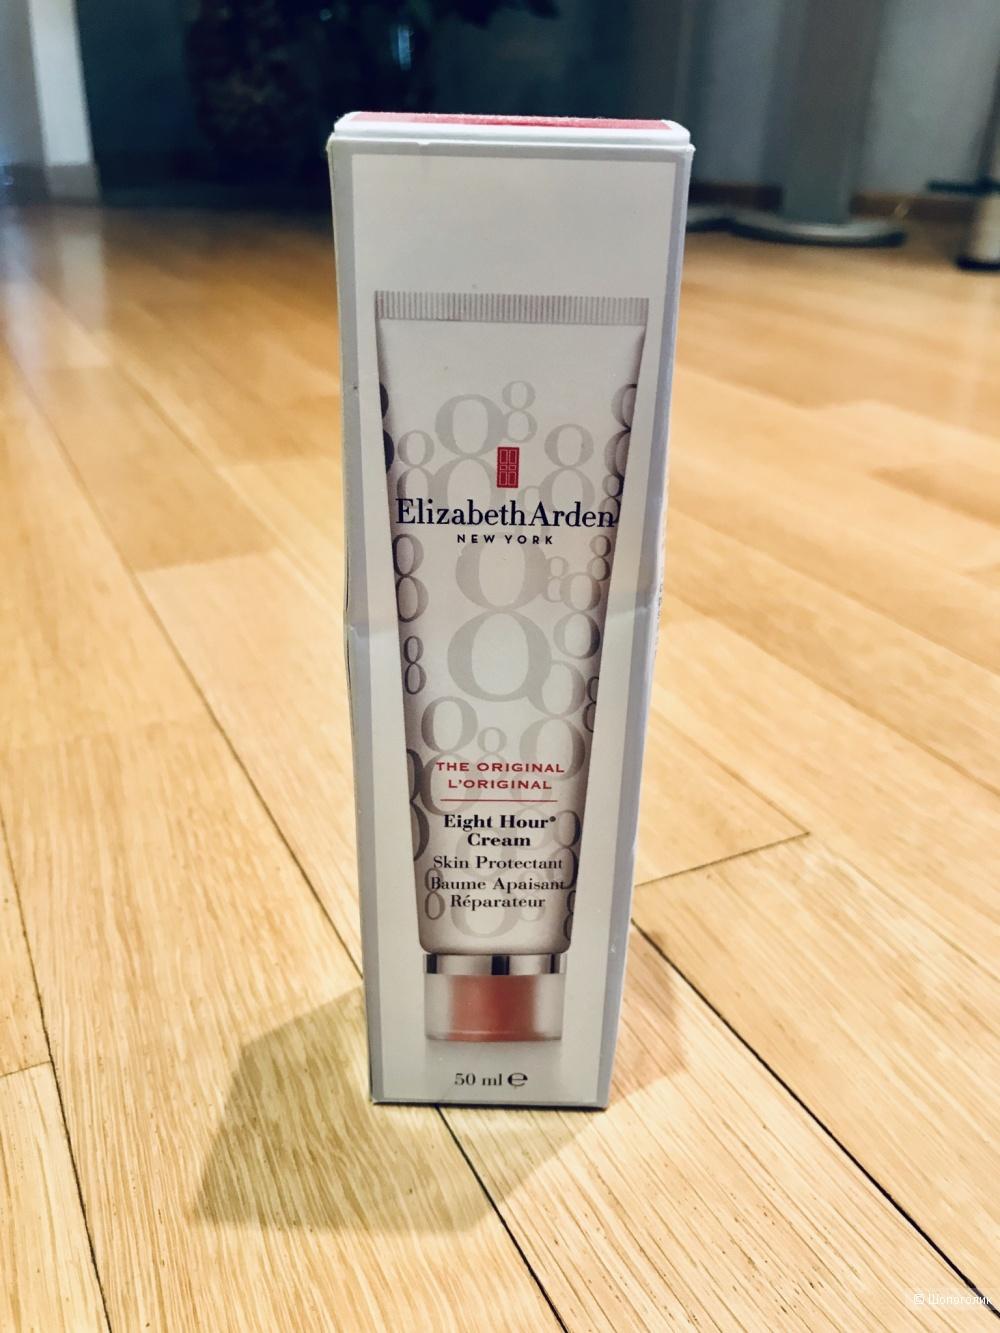 Крем увлажняющий 8 hour  Elizabeth Arden 50 ml